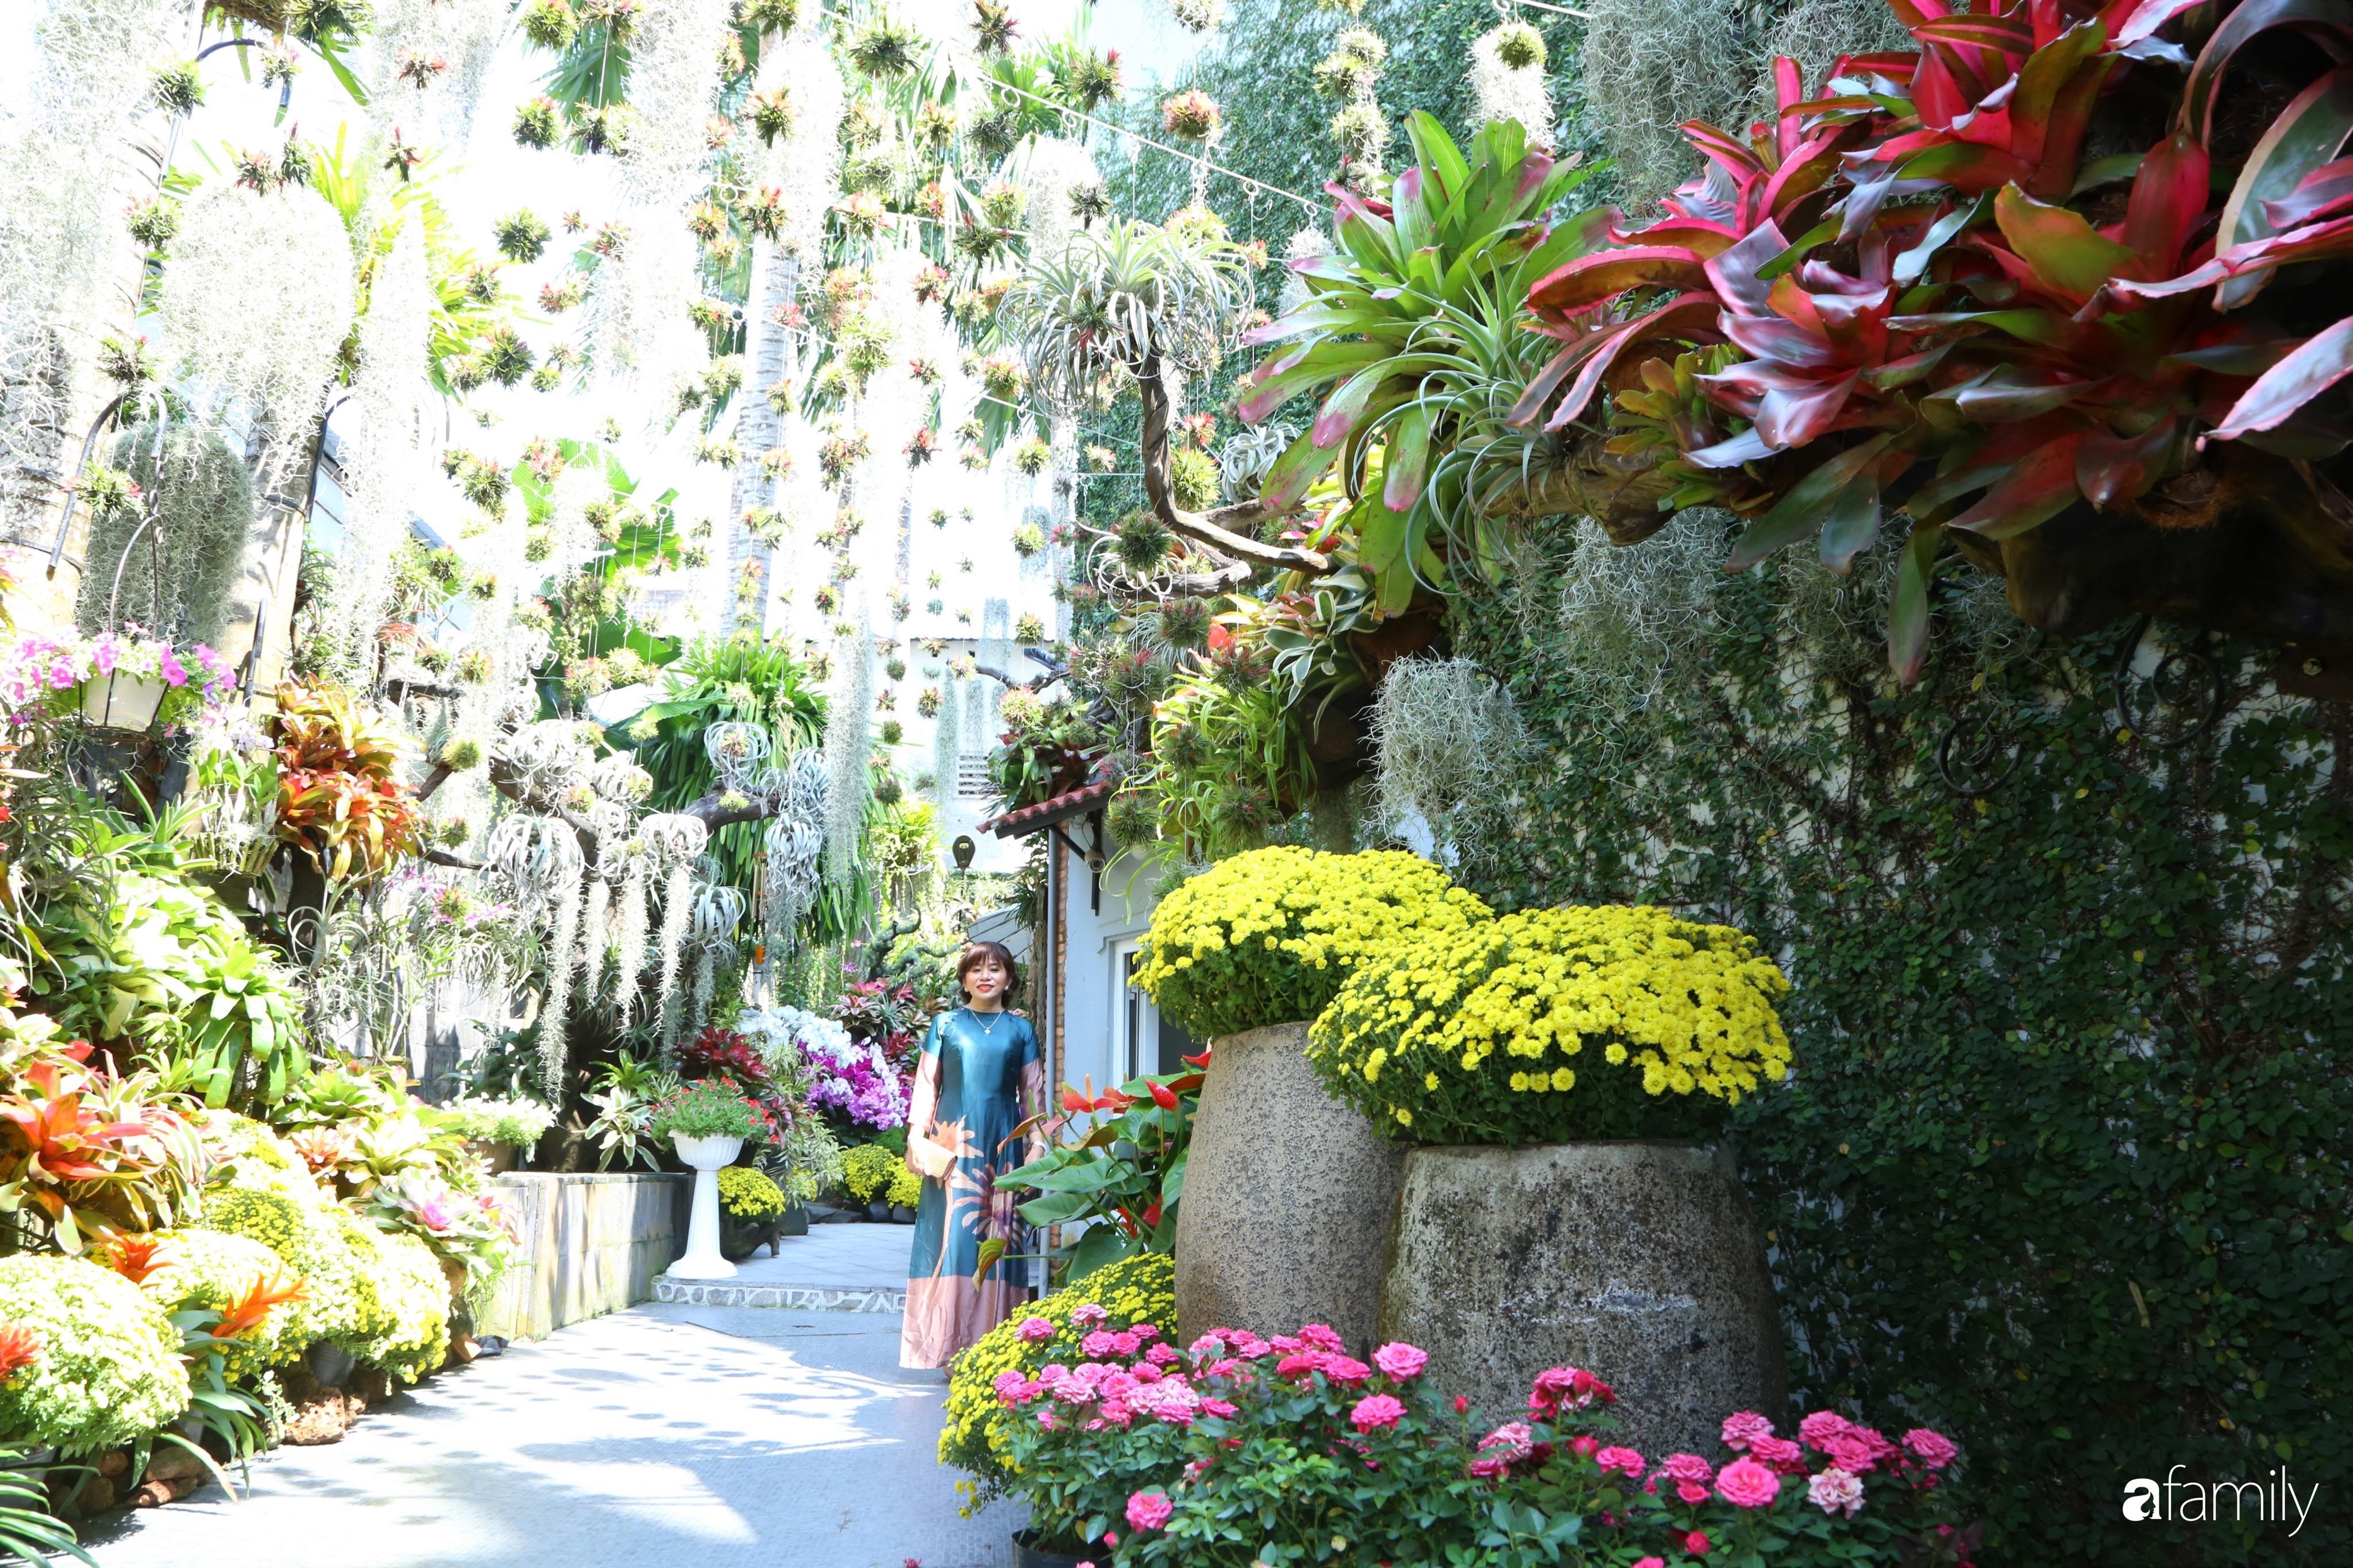 Ngất ngây ngắm nhìn khu vườn toàn những cây độc lạ của người phụ nữ yêu thiên nhiên ở Cần Thơ - Ảnh 1.